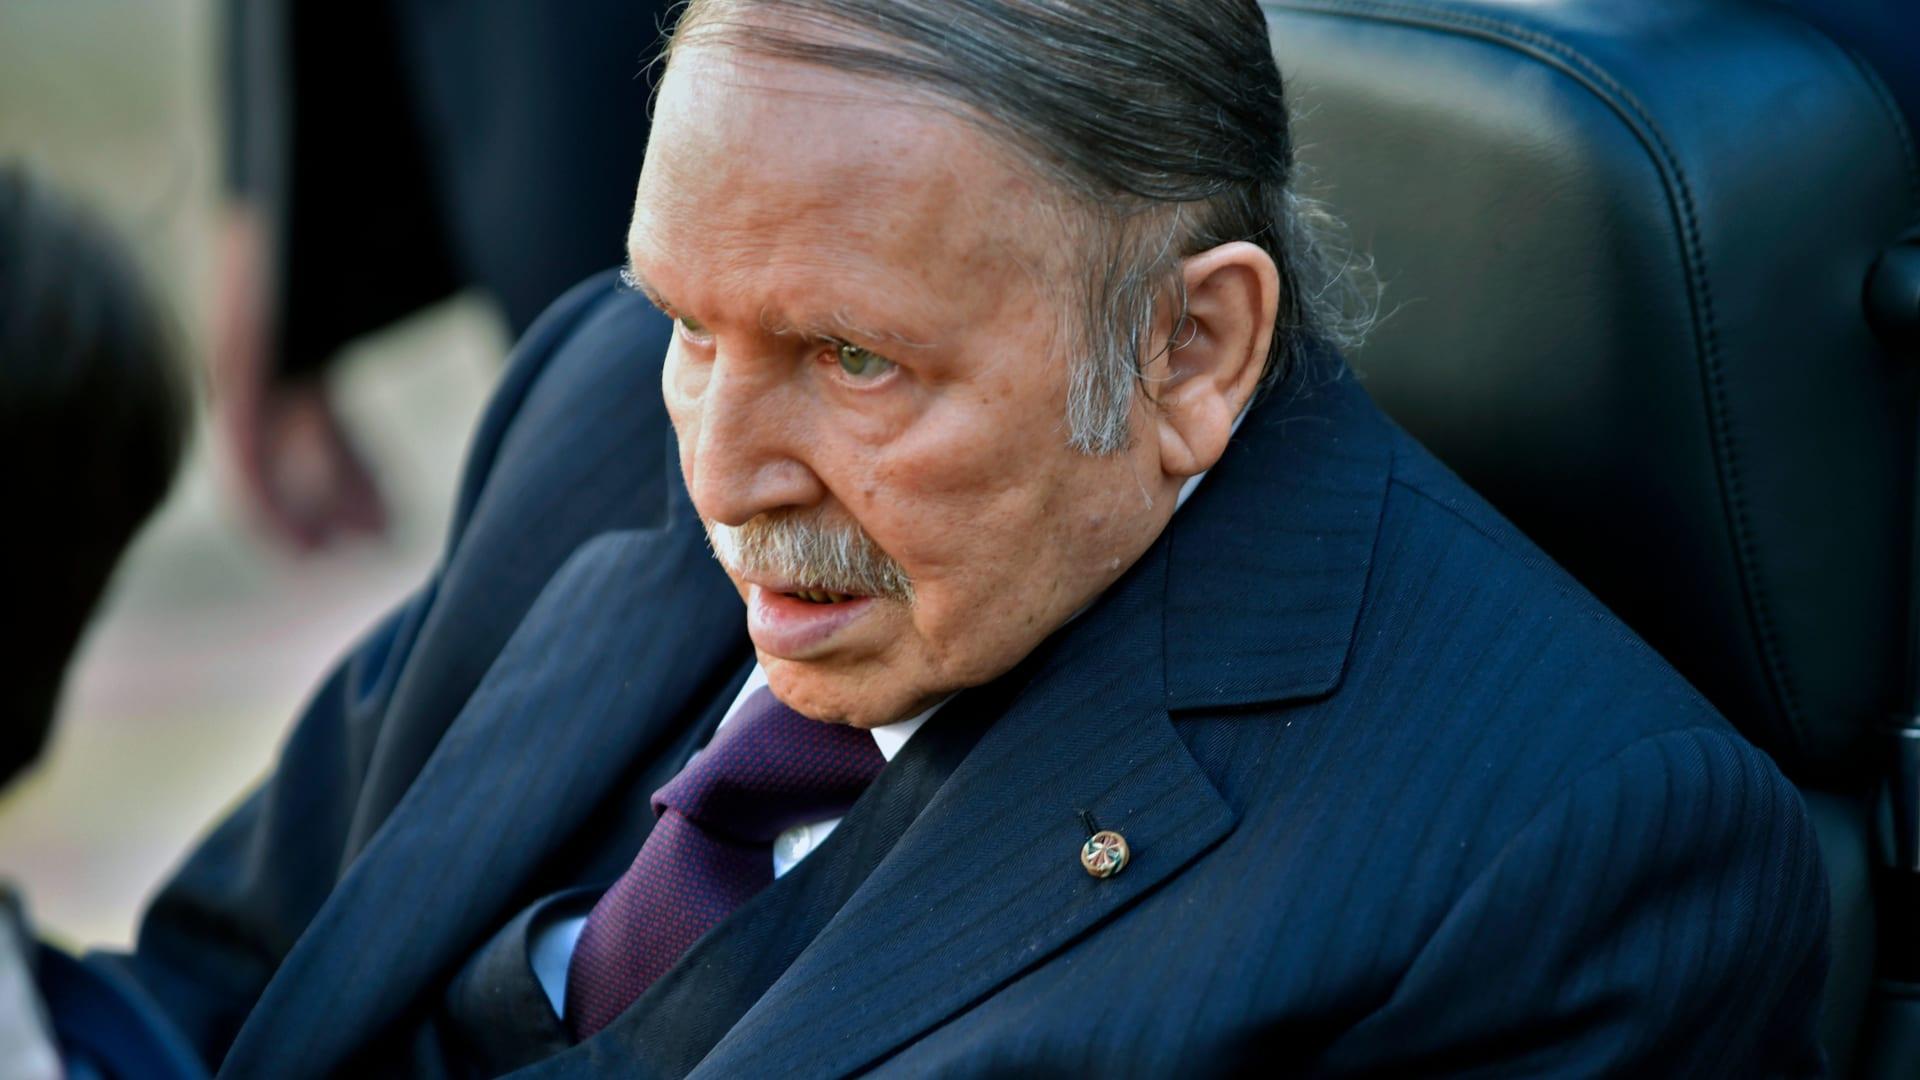 عبد العزيز بوتفليقة يعلن ترشحه للانتخابات الرئاسية المقبلة في الجزائر